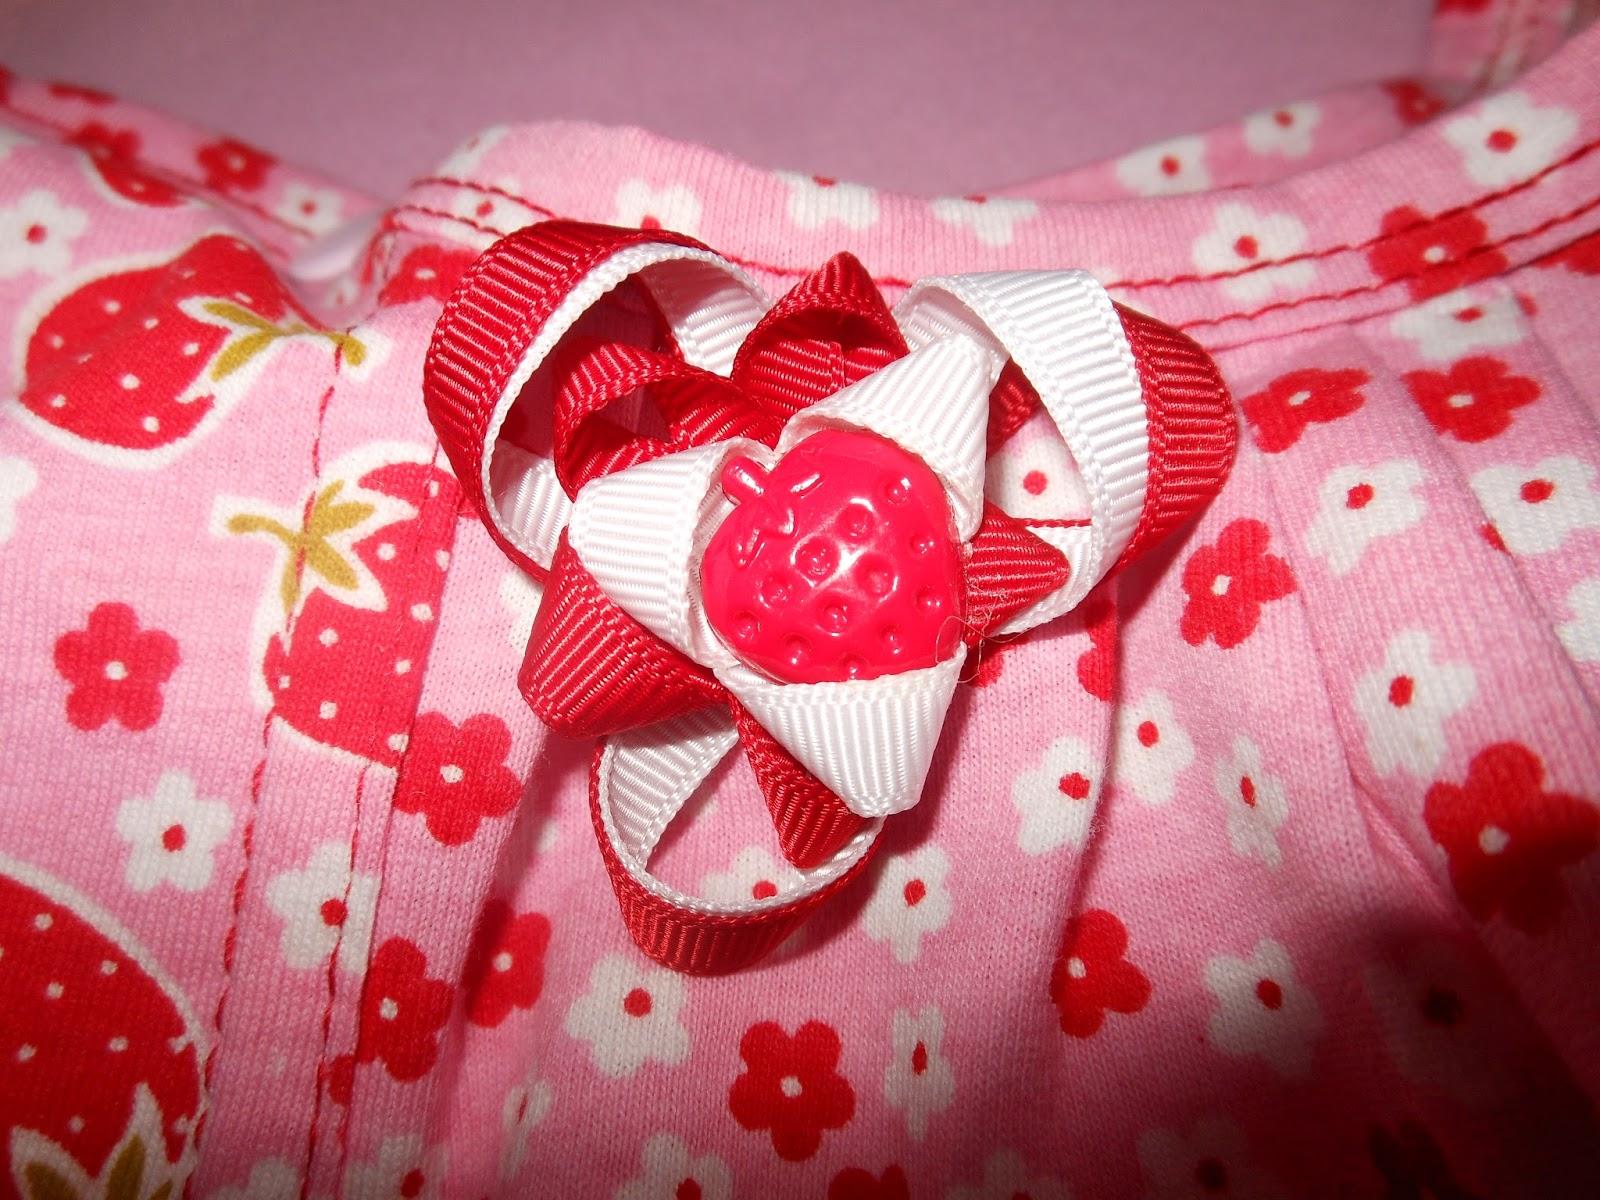 мастер-класс, как шить трикотаж, как шить на плоскошовке, красивые швы, как закрепить шов, плоскошовка, какие швы у плоскошовки, коверлок, как шить на коверлоке, правильно шить, как научиться шить, МК по трикотажу, украшение на детское платье, как сделать цветок из репсовых лент, как сделать цветок из атласных лент